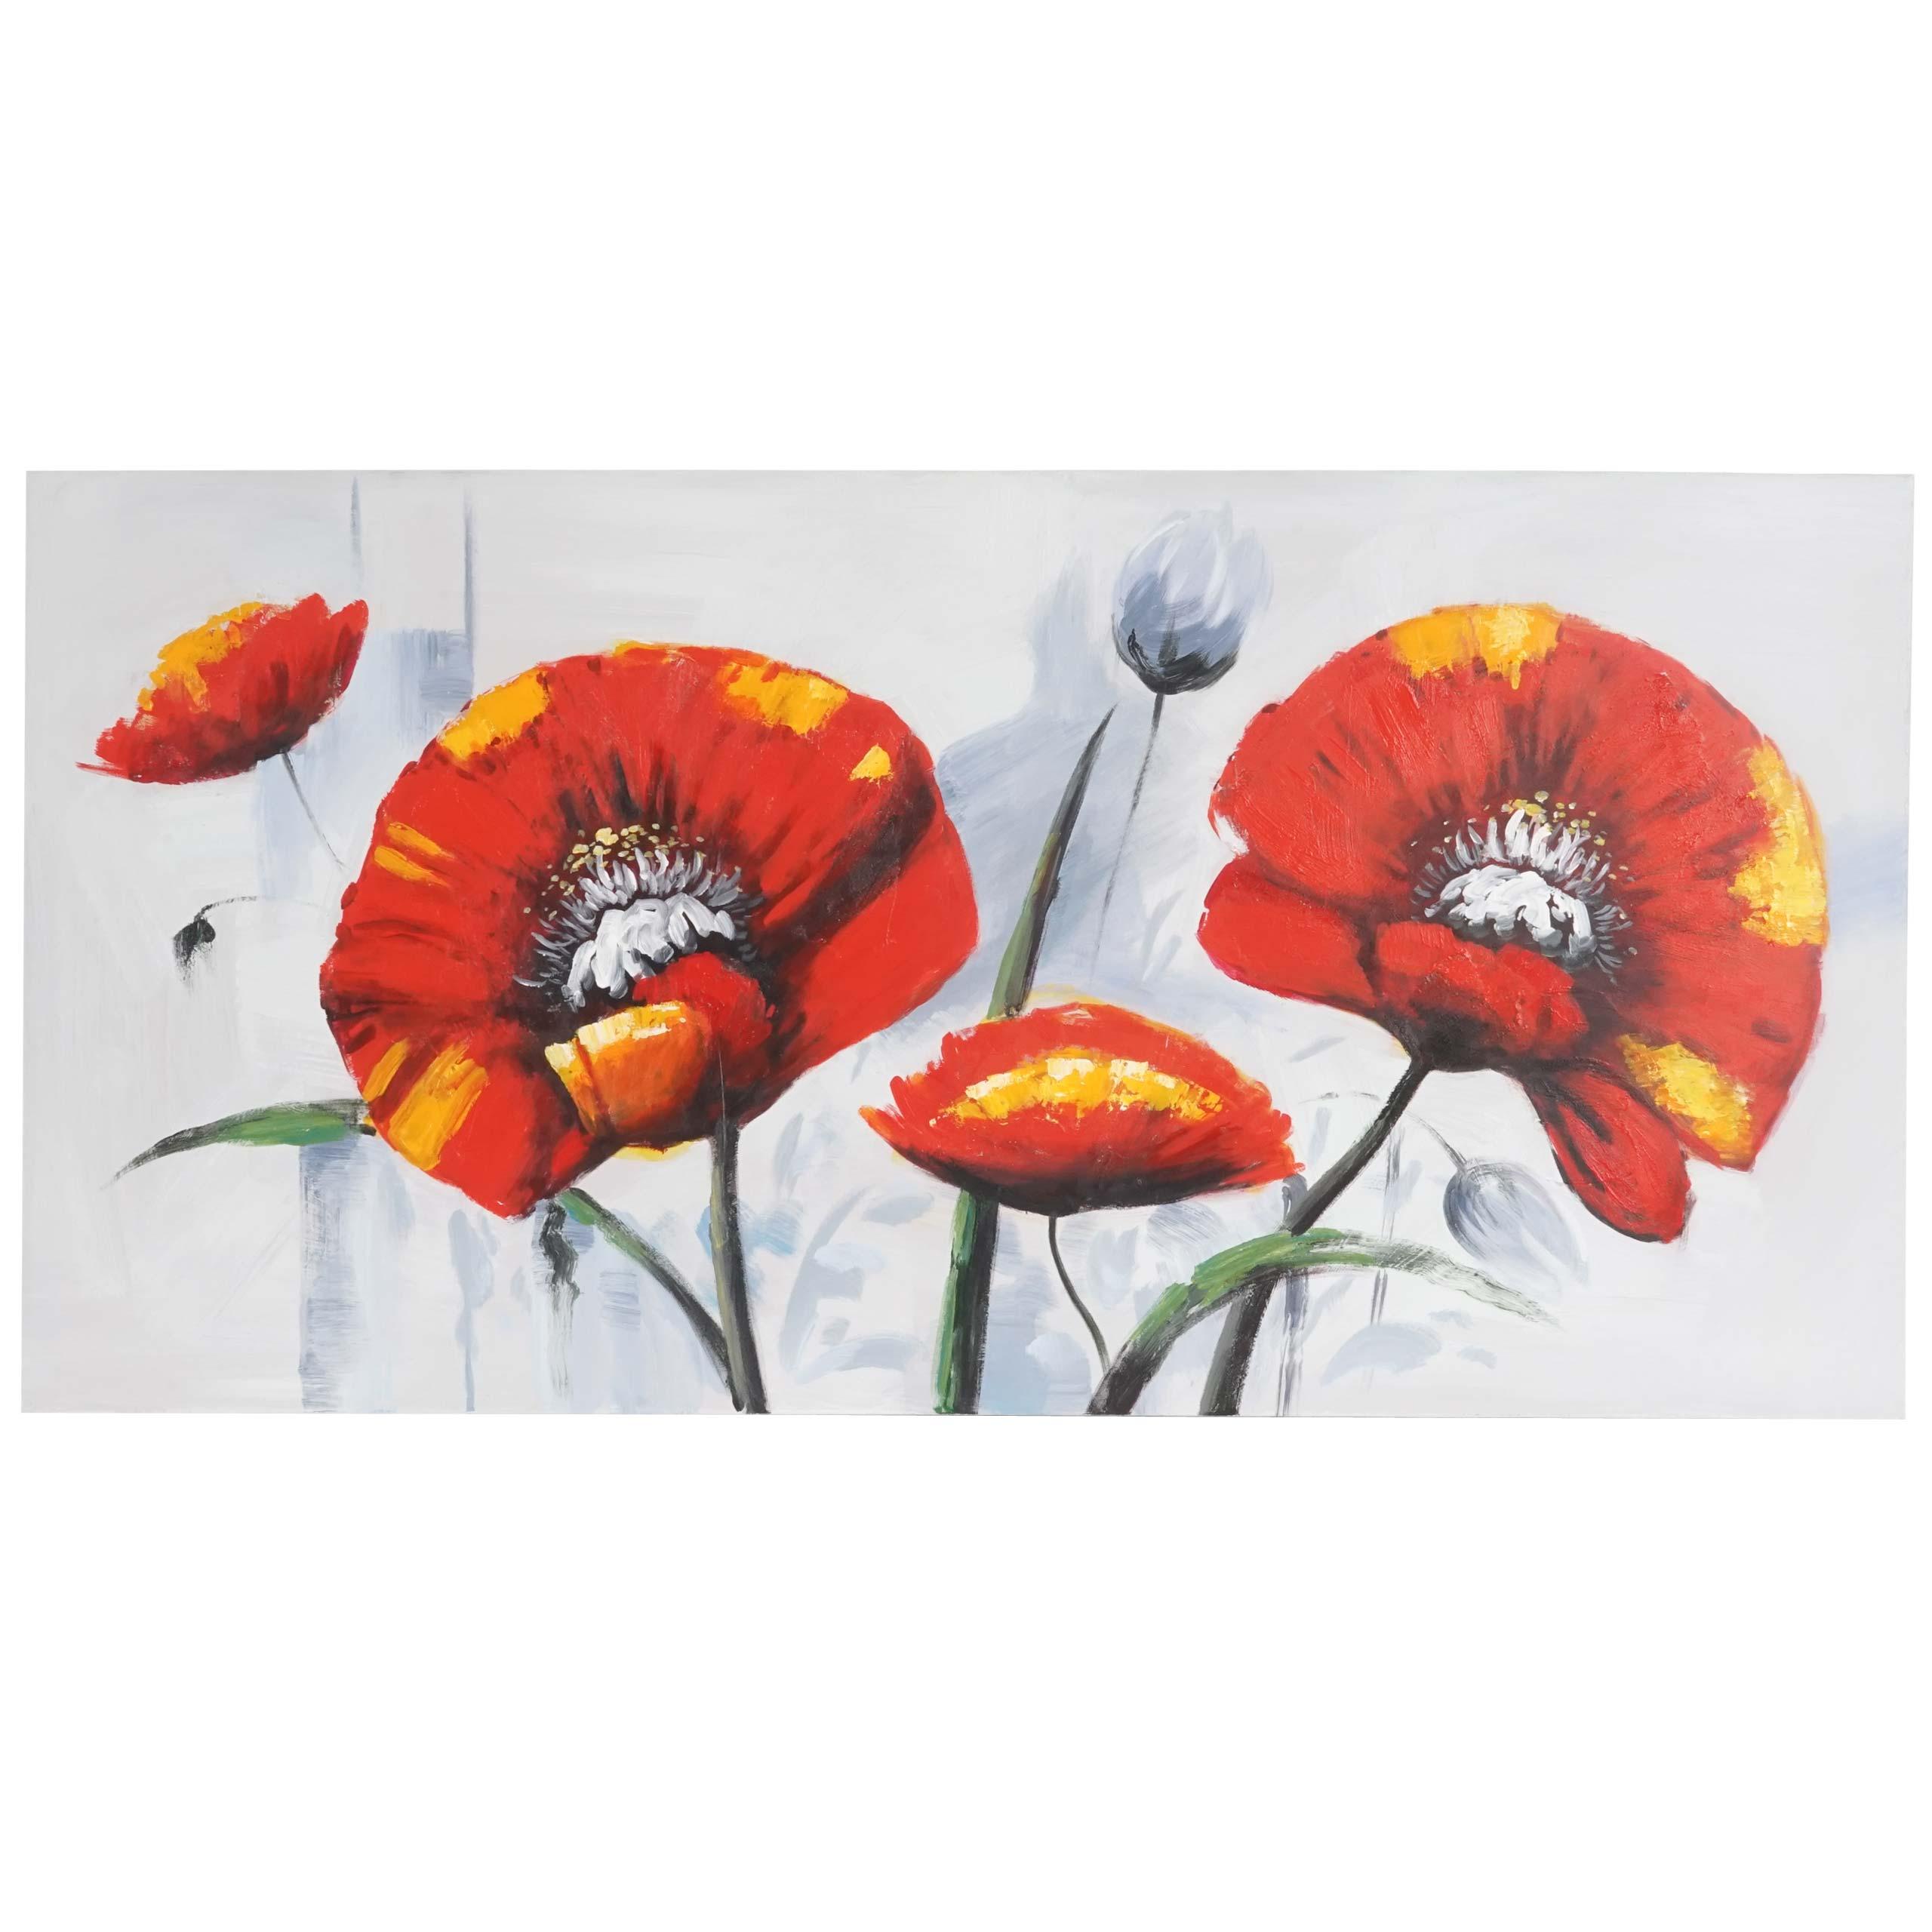 Mendler Ölgemälde Roter Mohn, 100% handgemaltes Wandbild Gemälde XL, 140x70cm ~ Variantenangebot 44762